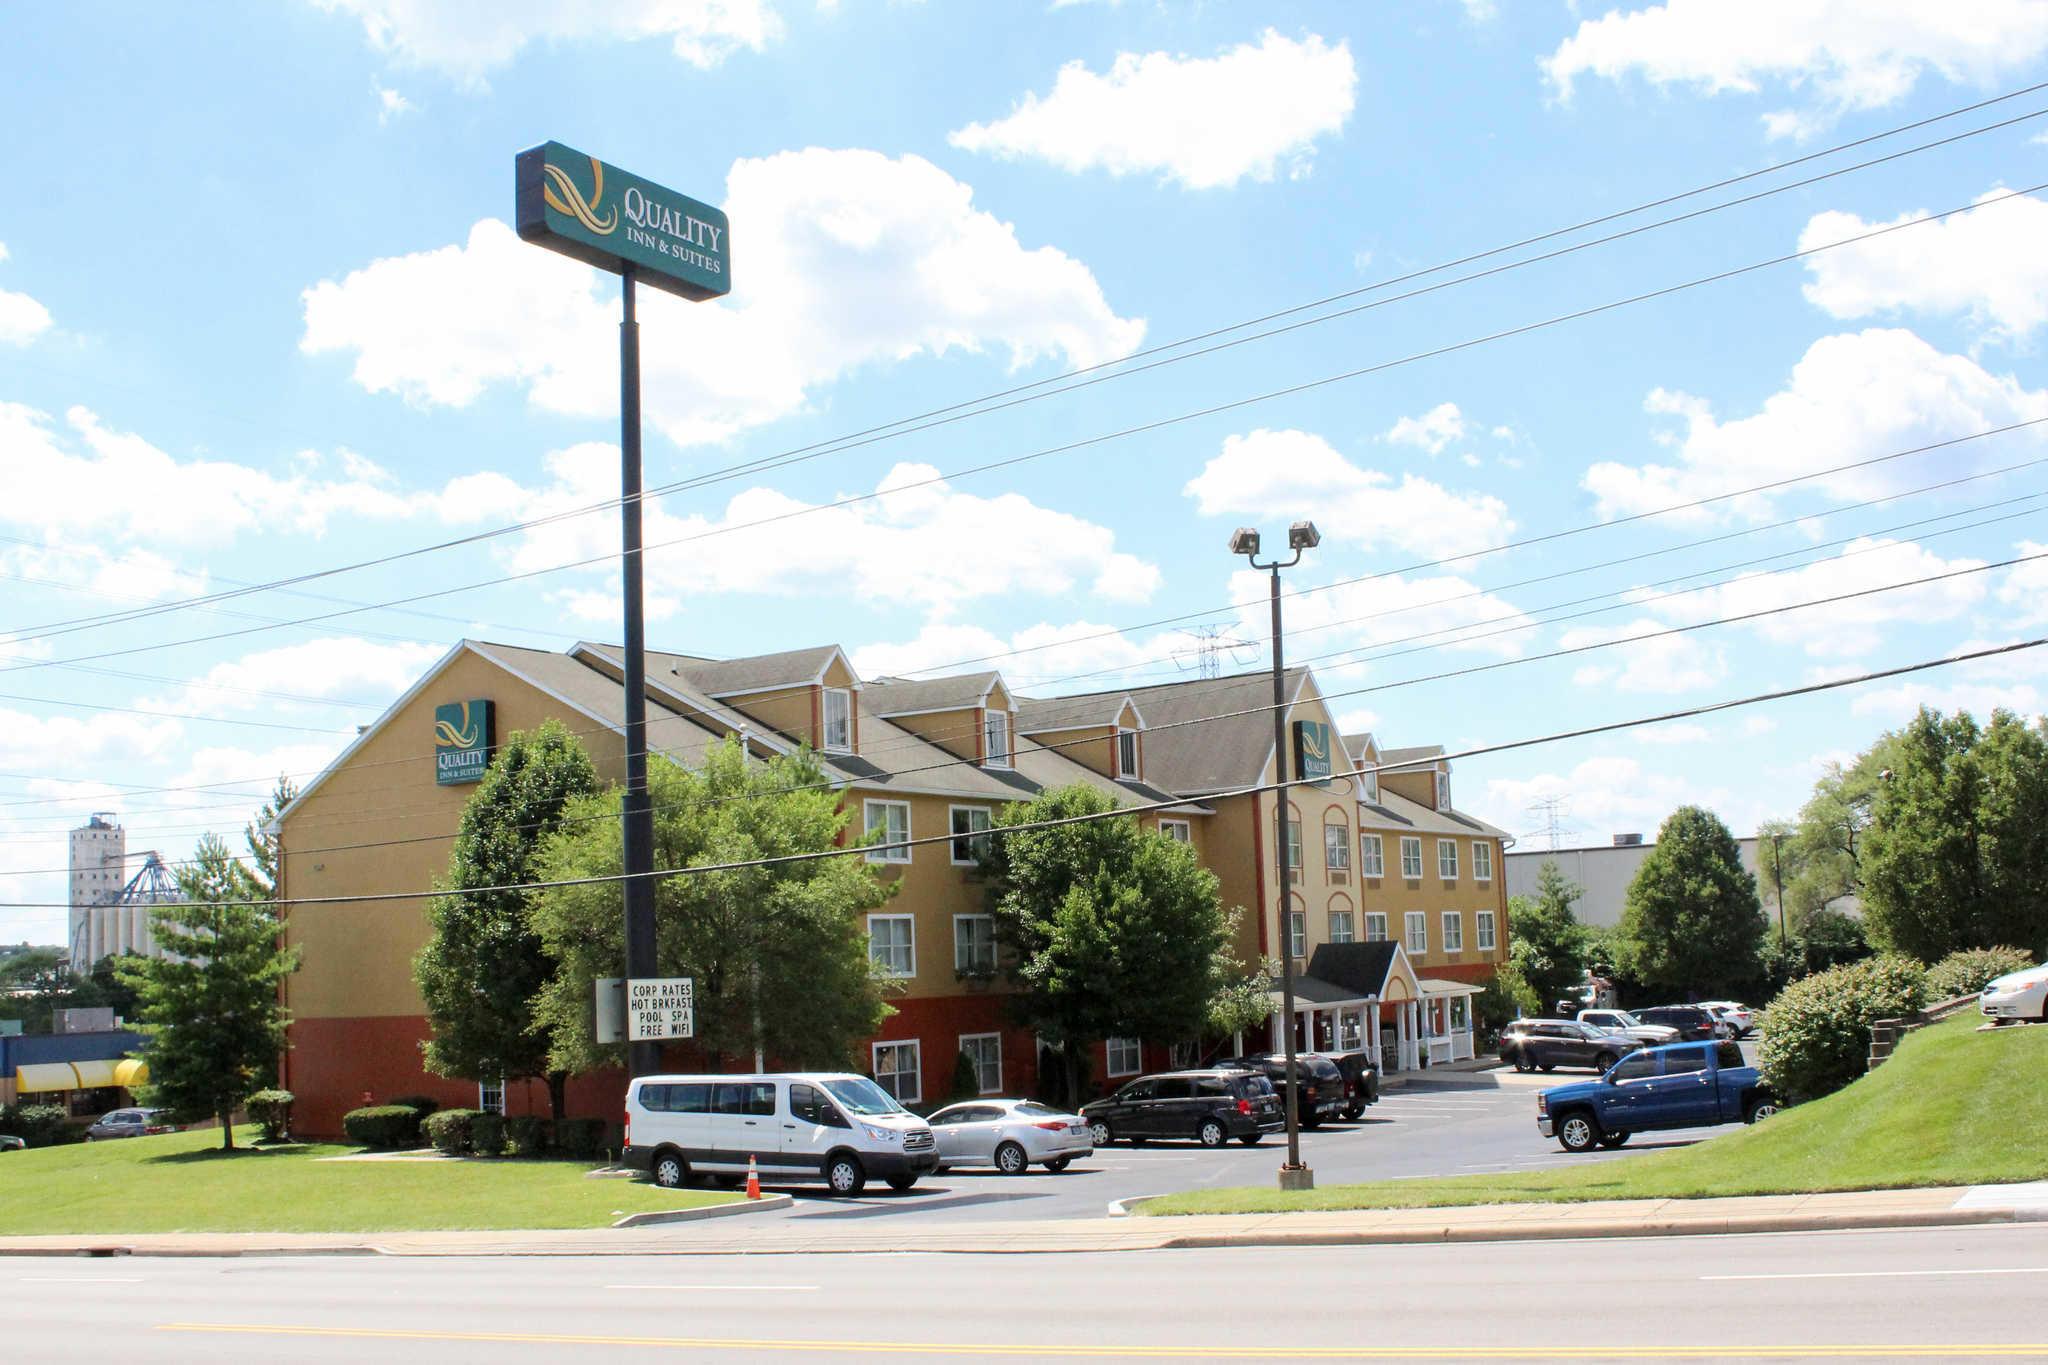 Quality Inn Suites Cincinnati Sharonville At 2463 East